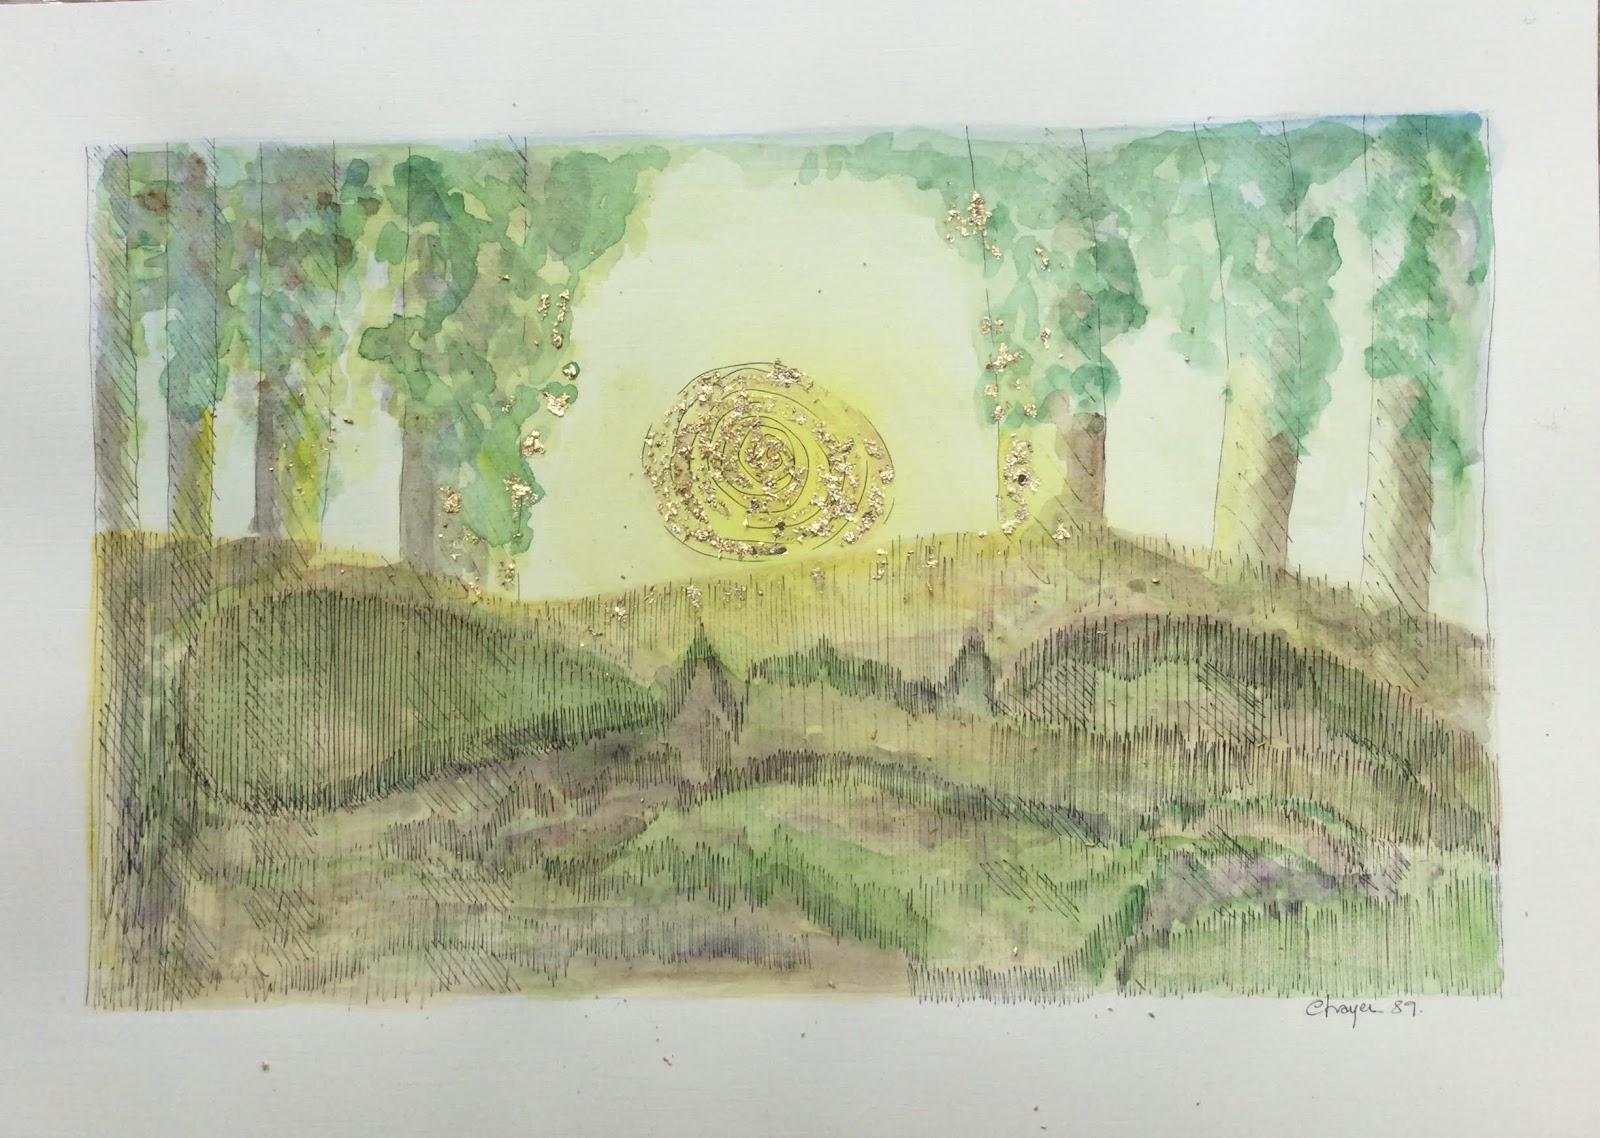 286 D'EAU, DE VERT ET D'OR (1989) -  30 x 21 cm - Aquarelle sur papier canson 125 g, plume encre de chine, or 24 carats